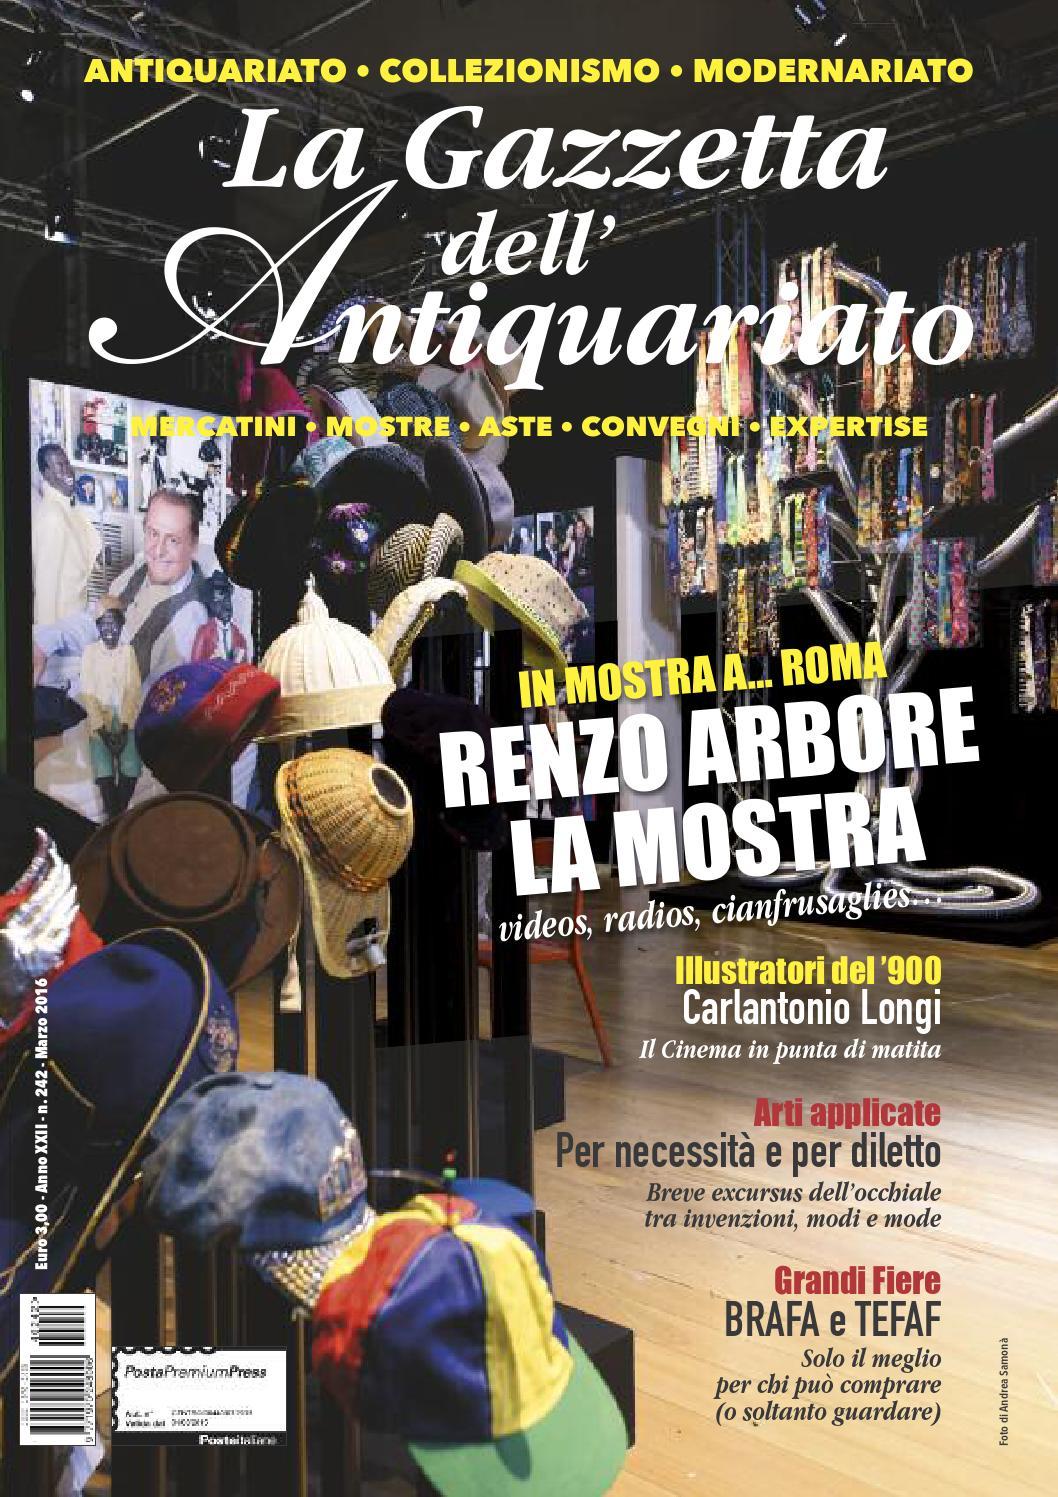 La Gazzetta dell Antiquariato n. 242 - Marzo 2016 by La Gazzetta  dell Antiquariato - issuu bd12bc234e3